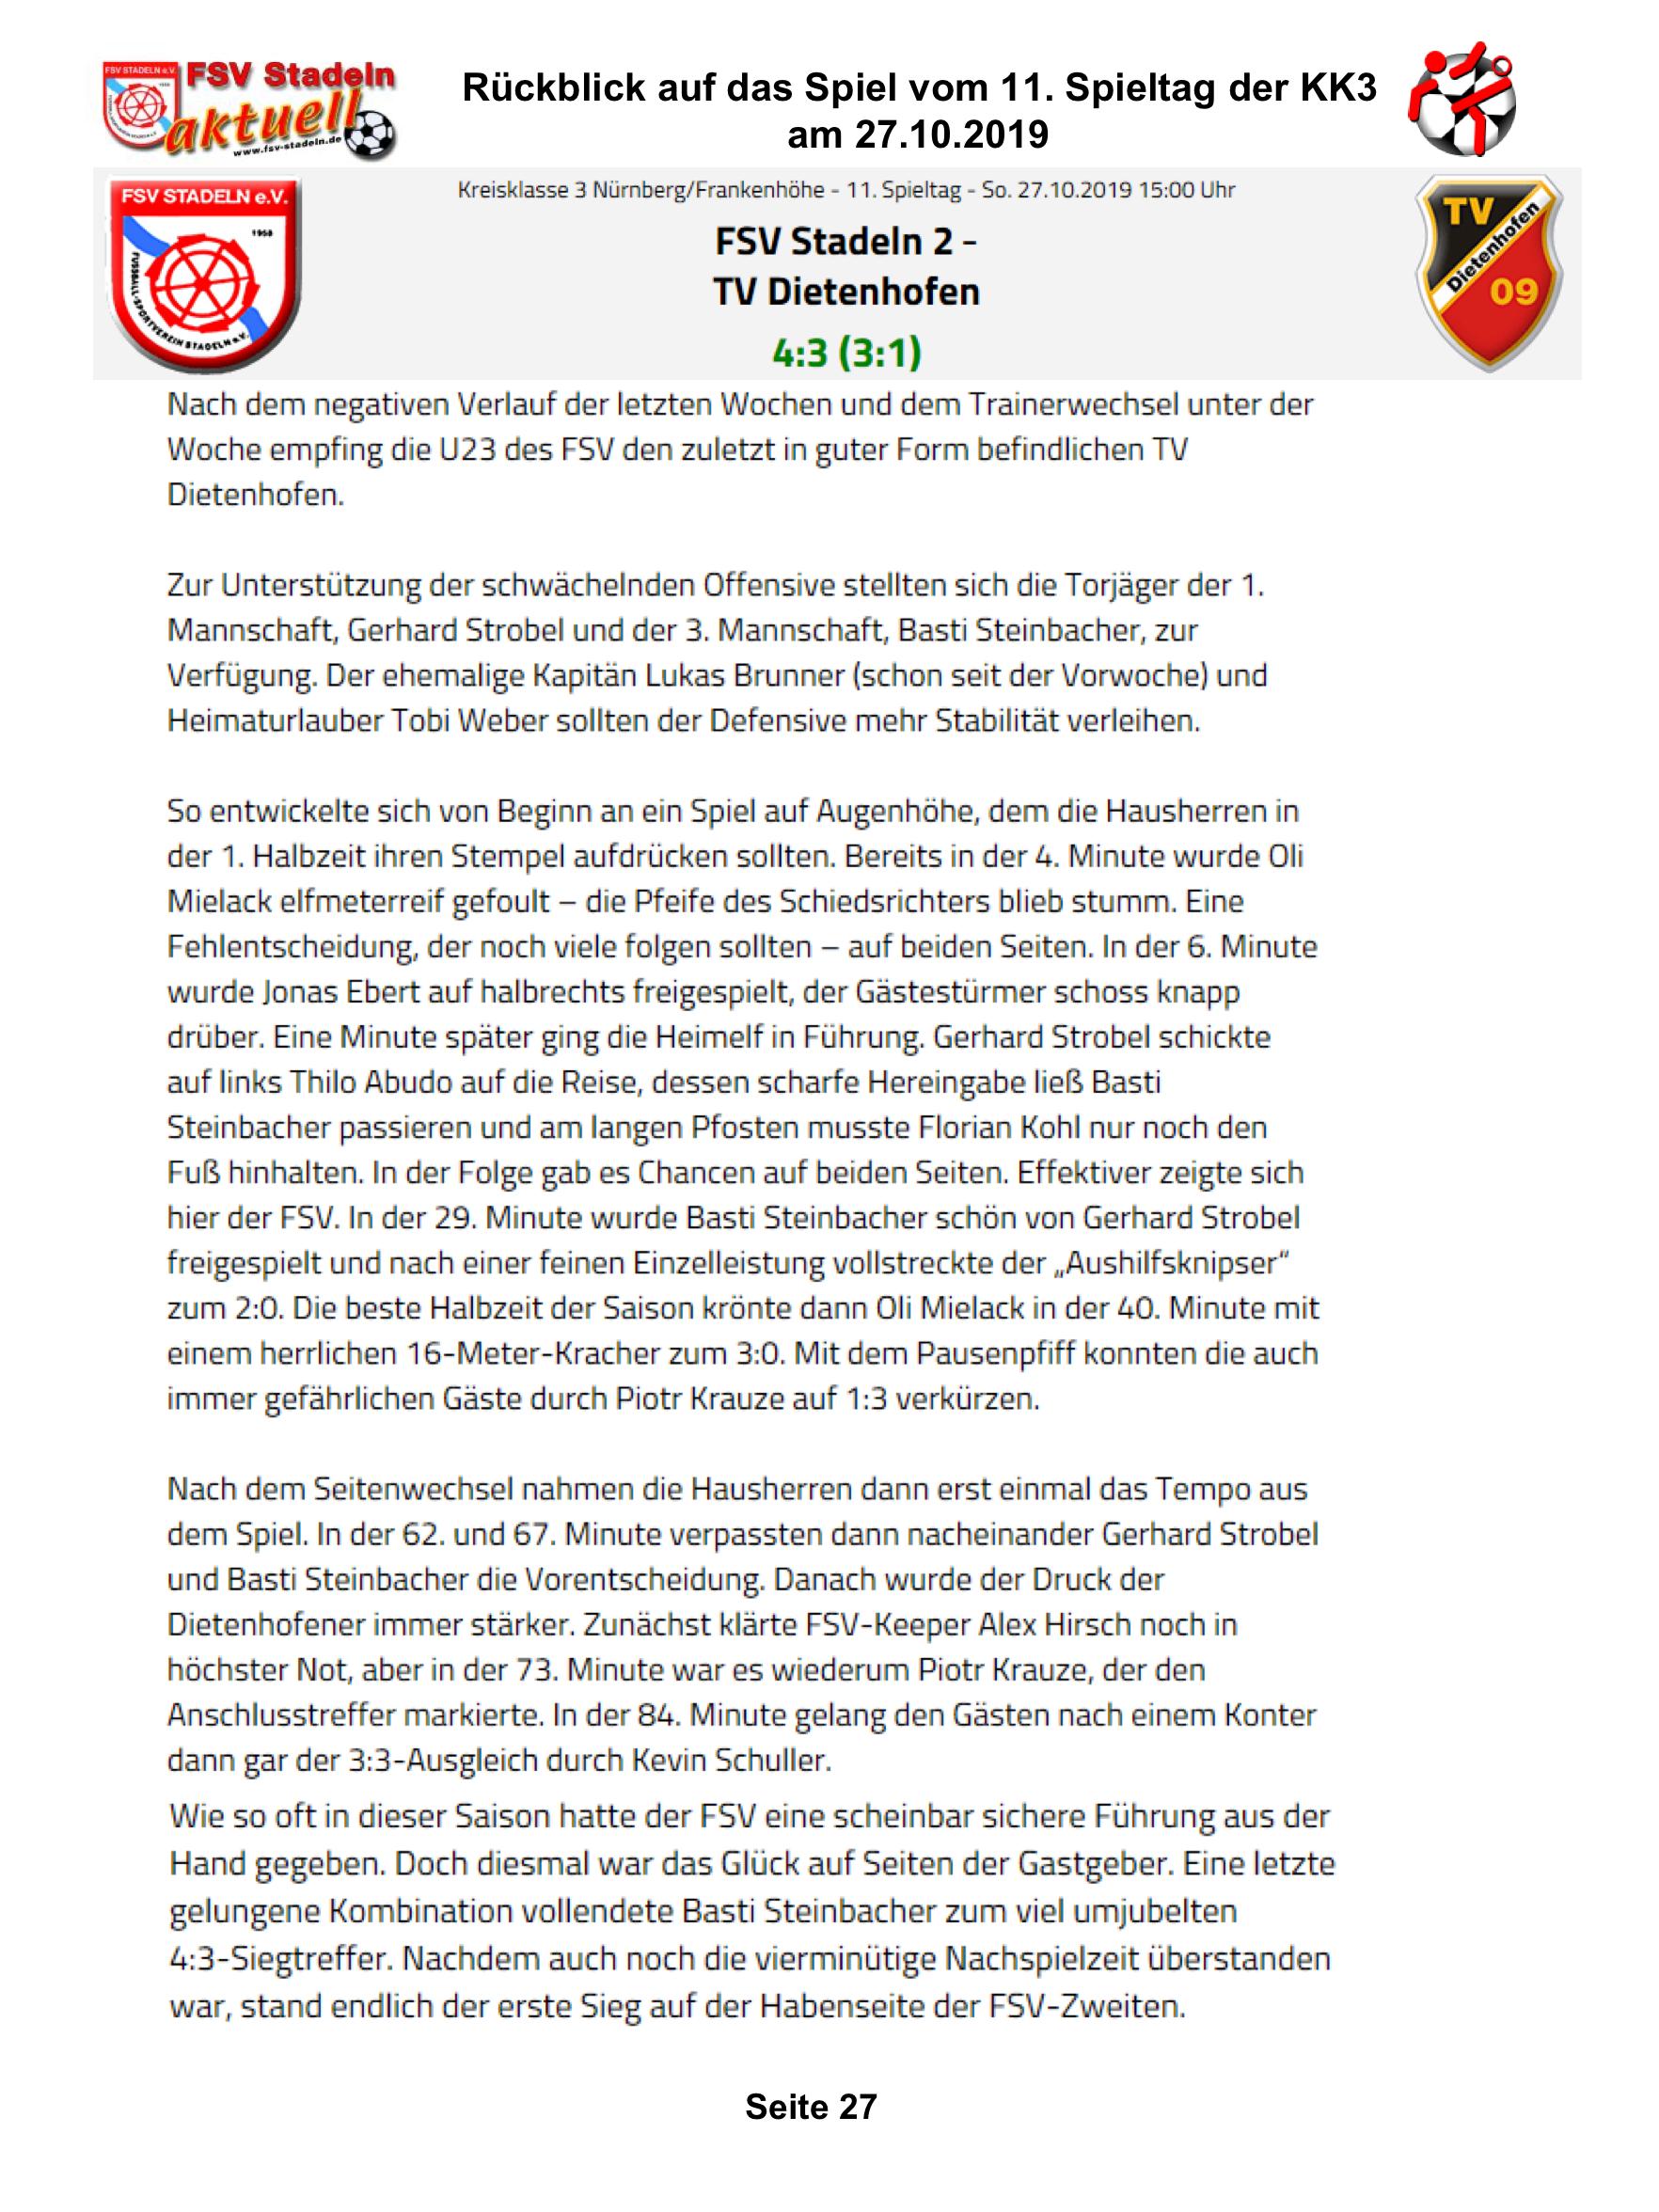 Herzogenaurach-27.png